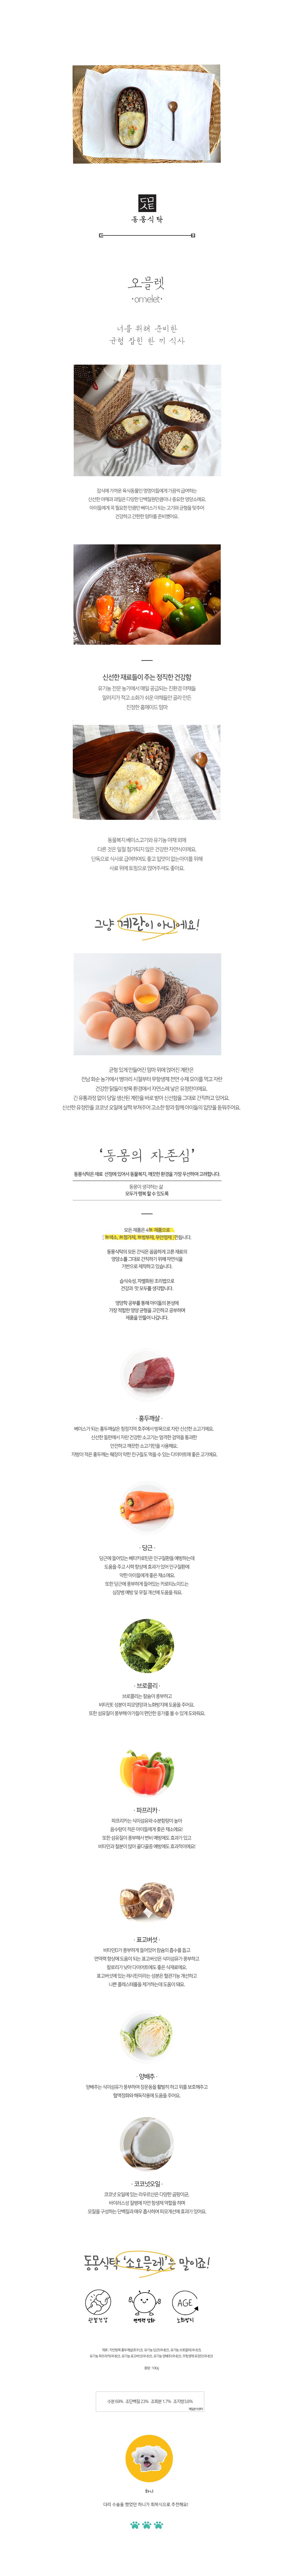 강아지 수제간식 소고기 야채 오믈렛 110g - 동몽식탁, 6,500원, 간식/영양제, 수제간식